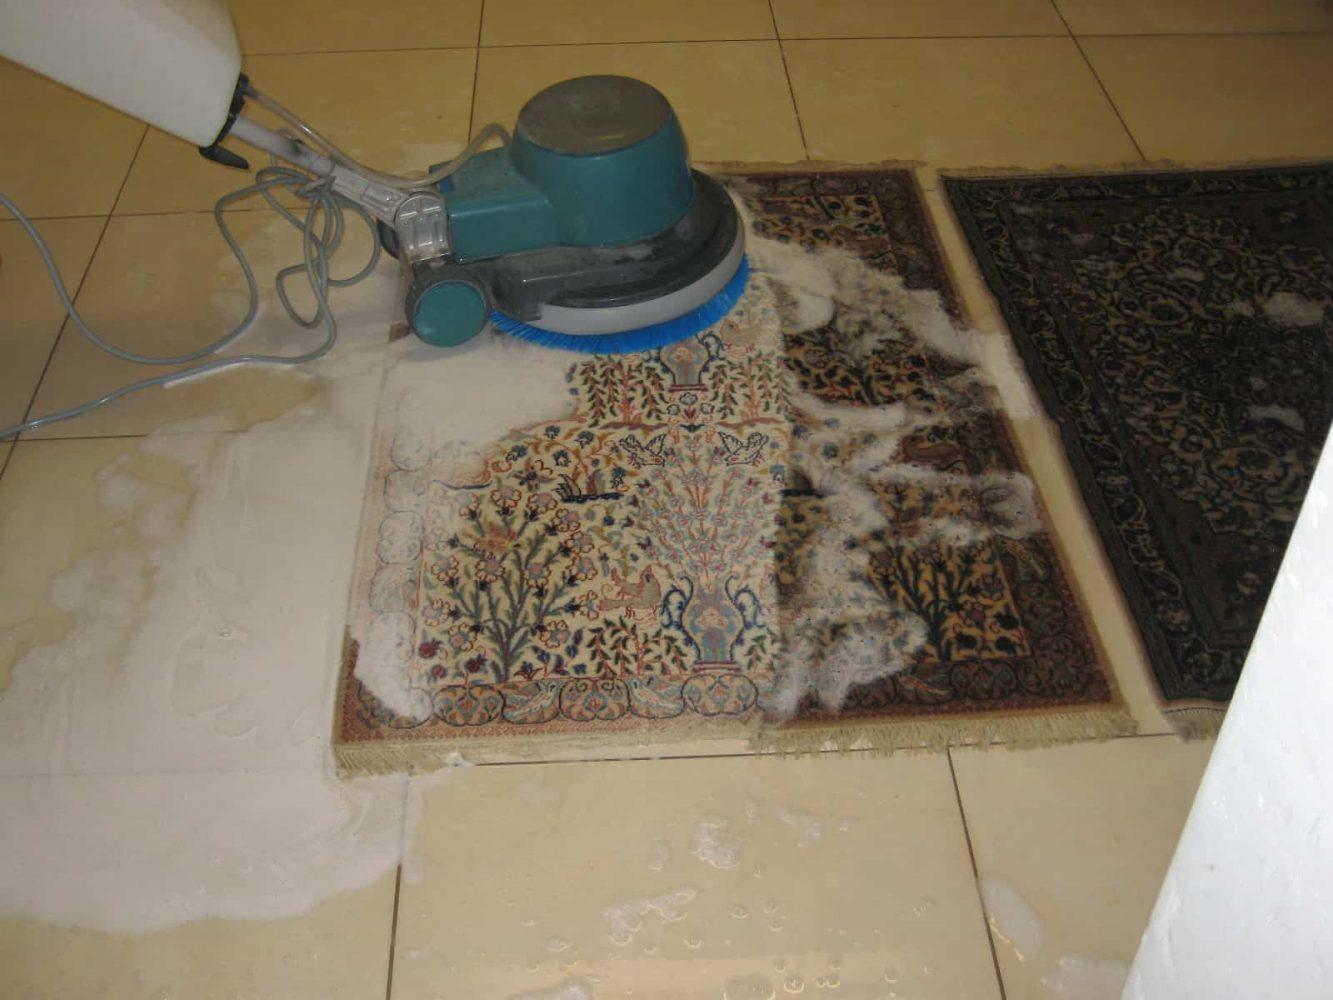 Nettoyage en profondeur avec le shampoing doux pour préserver les couleurs d'origine